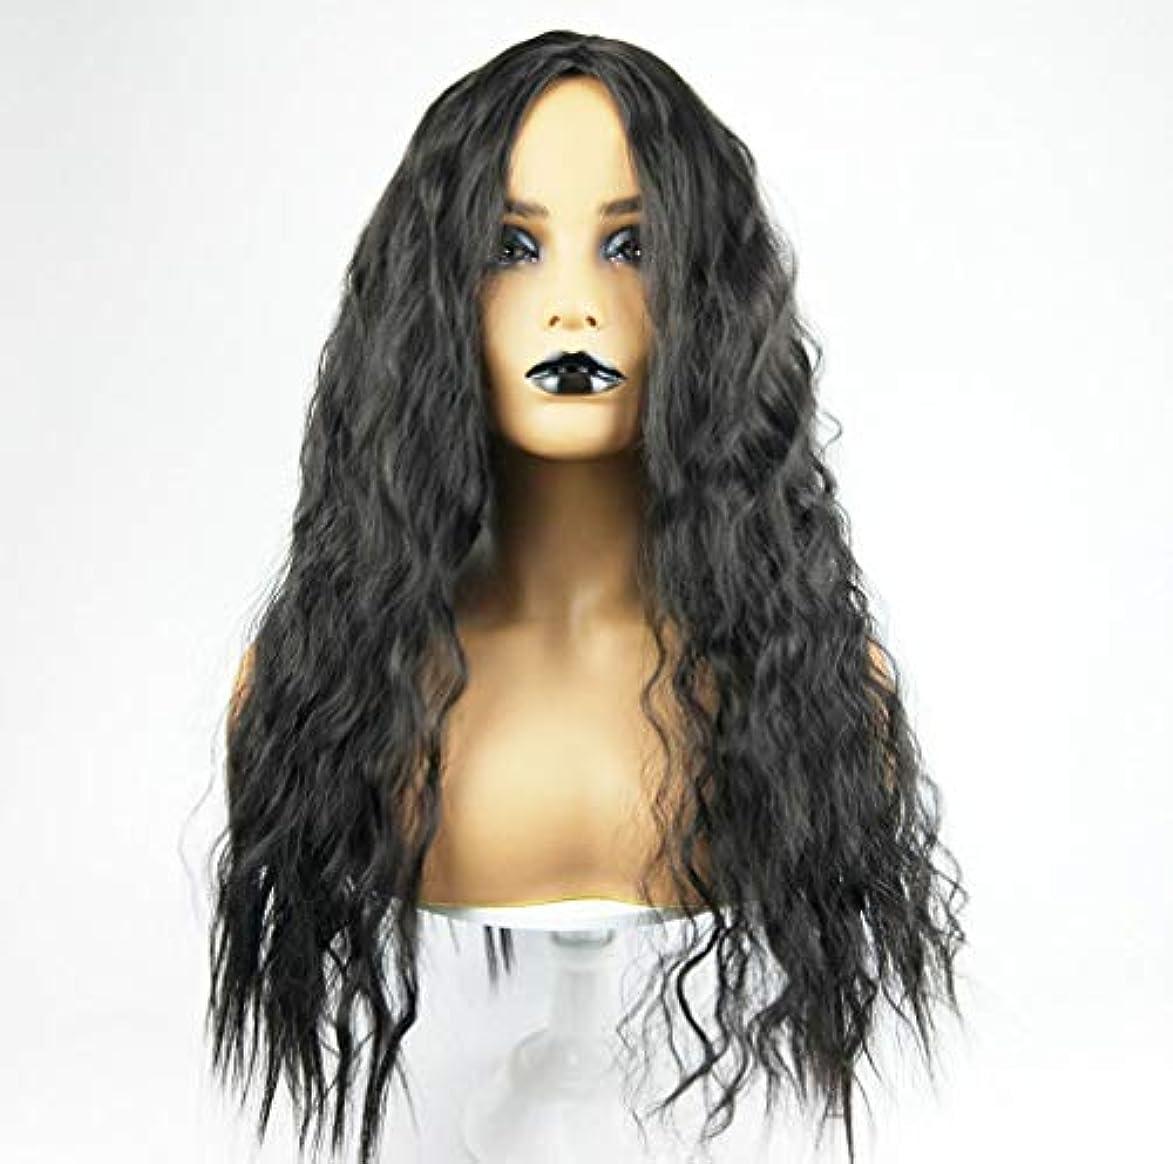 含意正規化補償女性かつらライトナチュラルウェーブロングカーリーウィッグコスプレパーティーリップルヘア150%密度ブラック65センチ